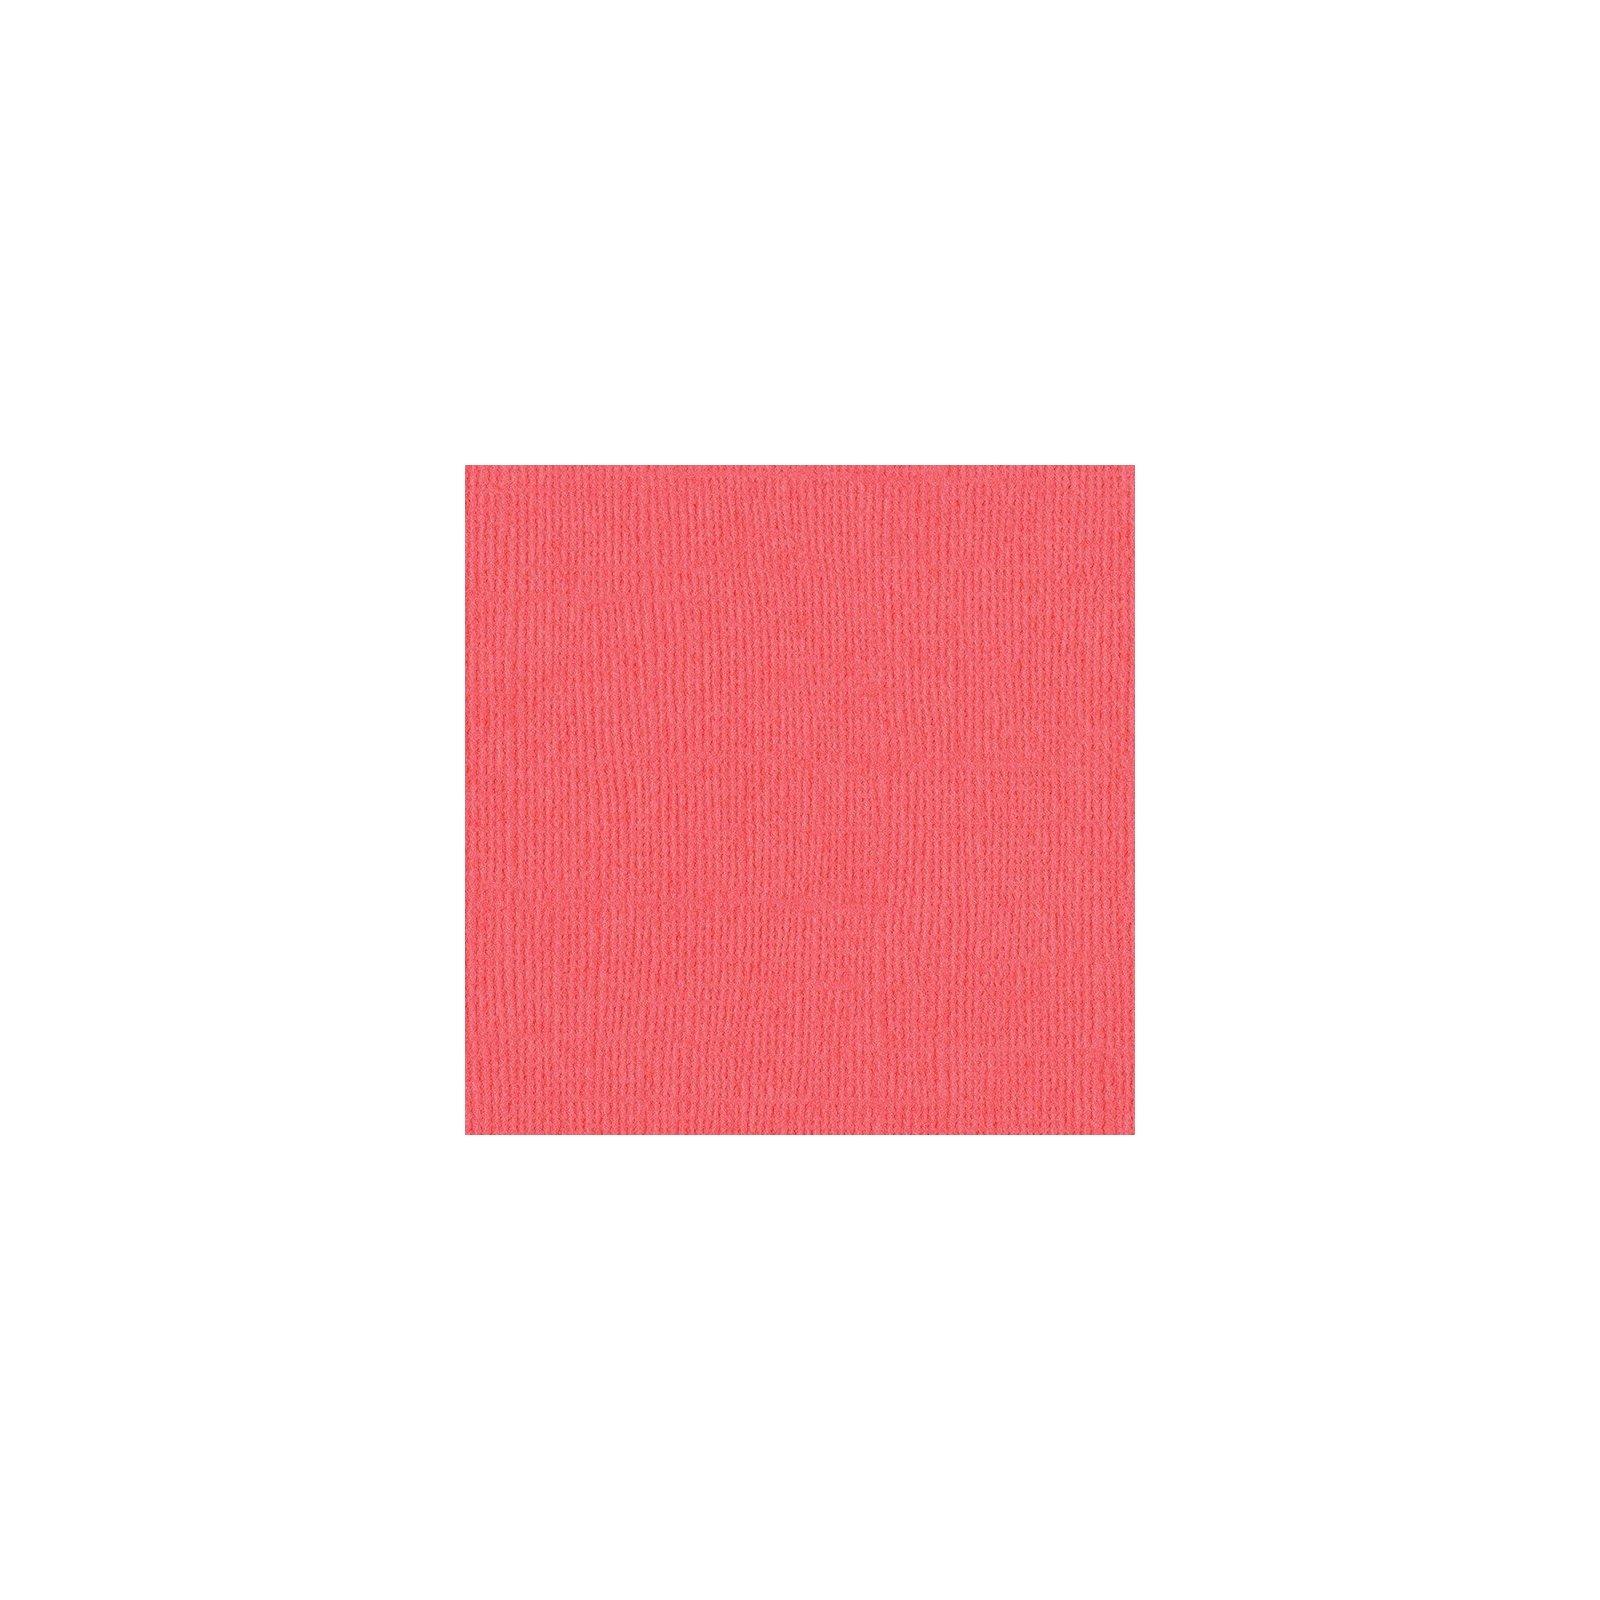 Papier rose - Roselle - Mono - Bazzil Basics Paper